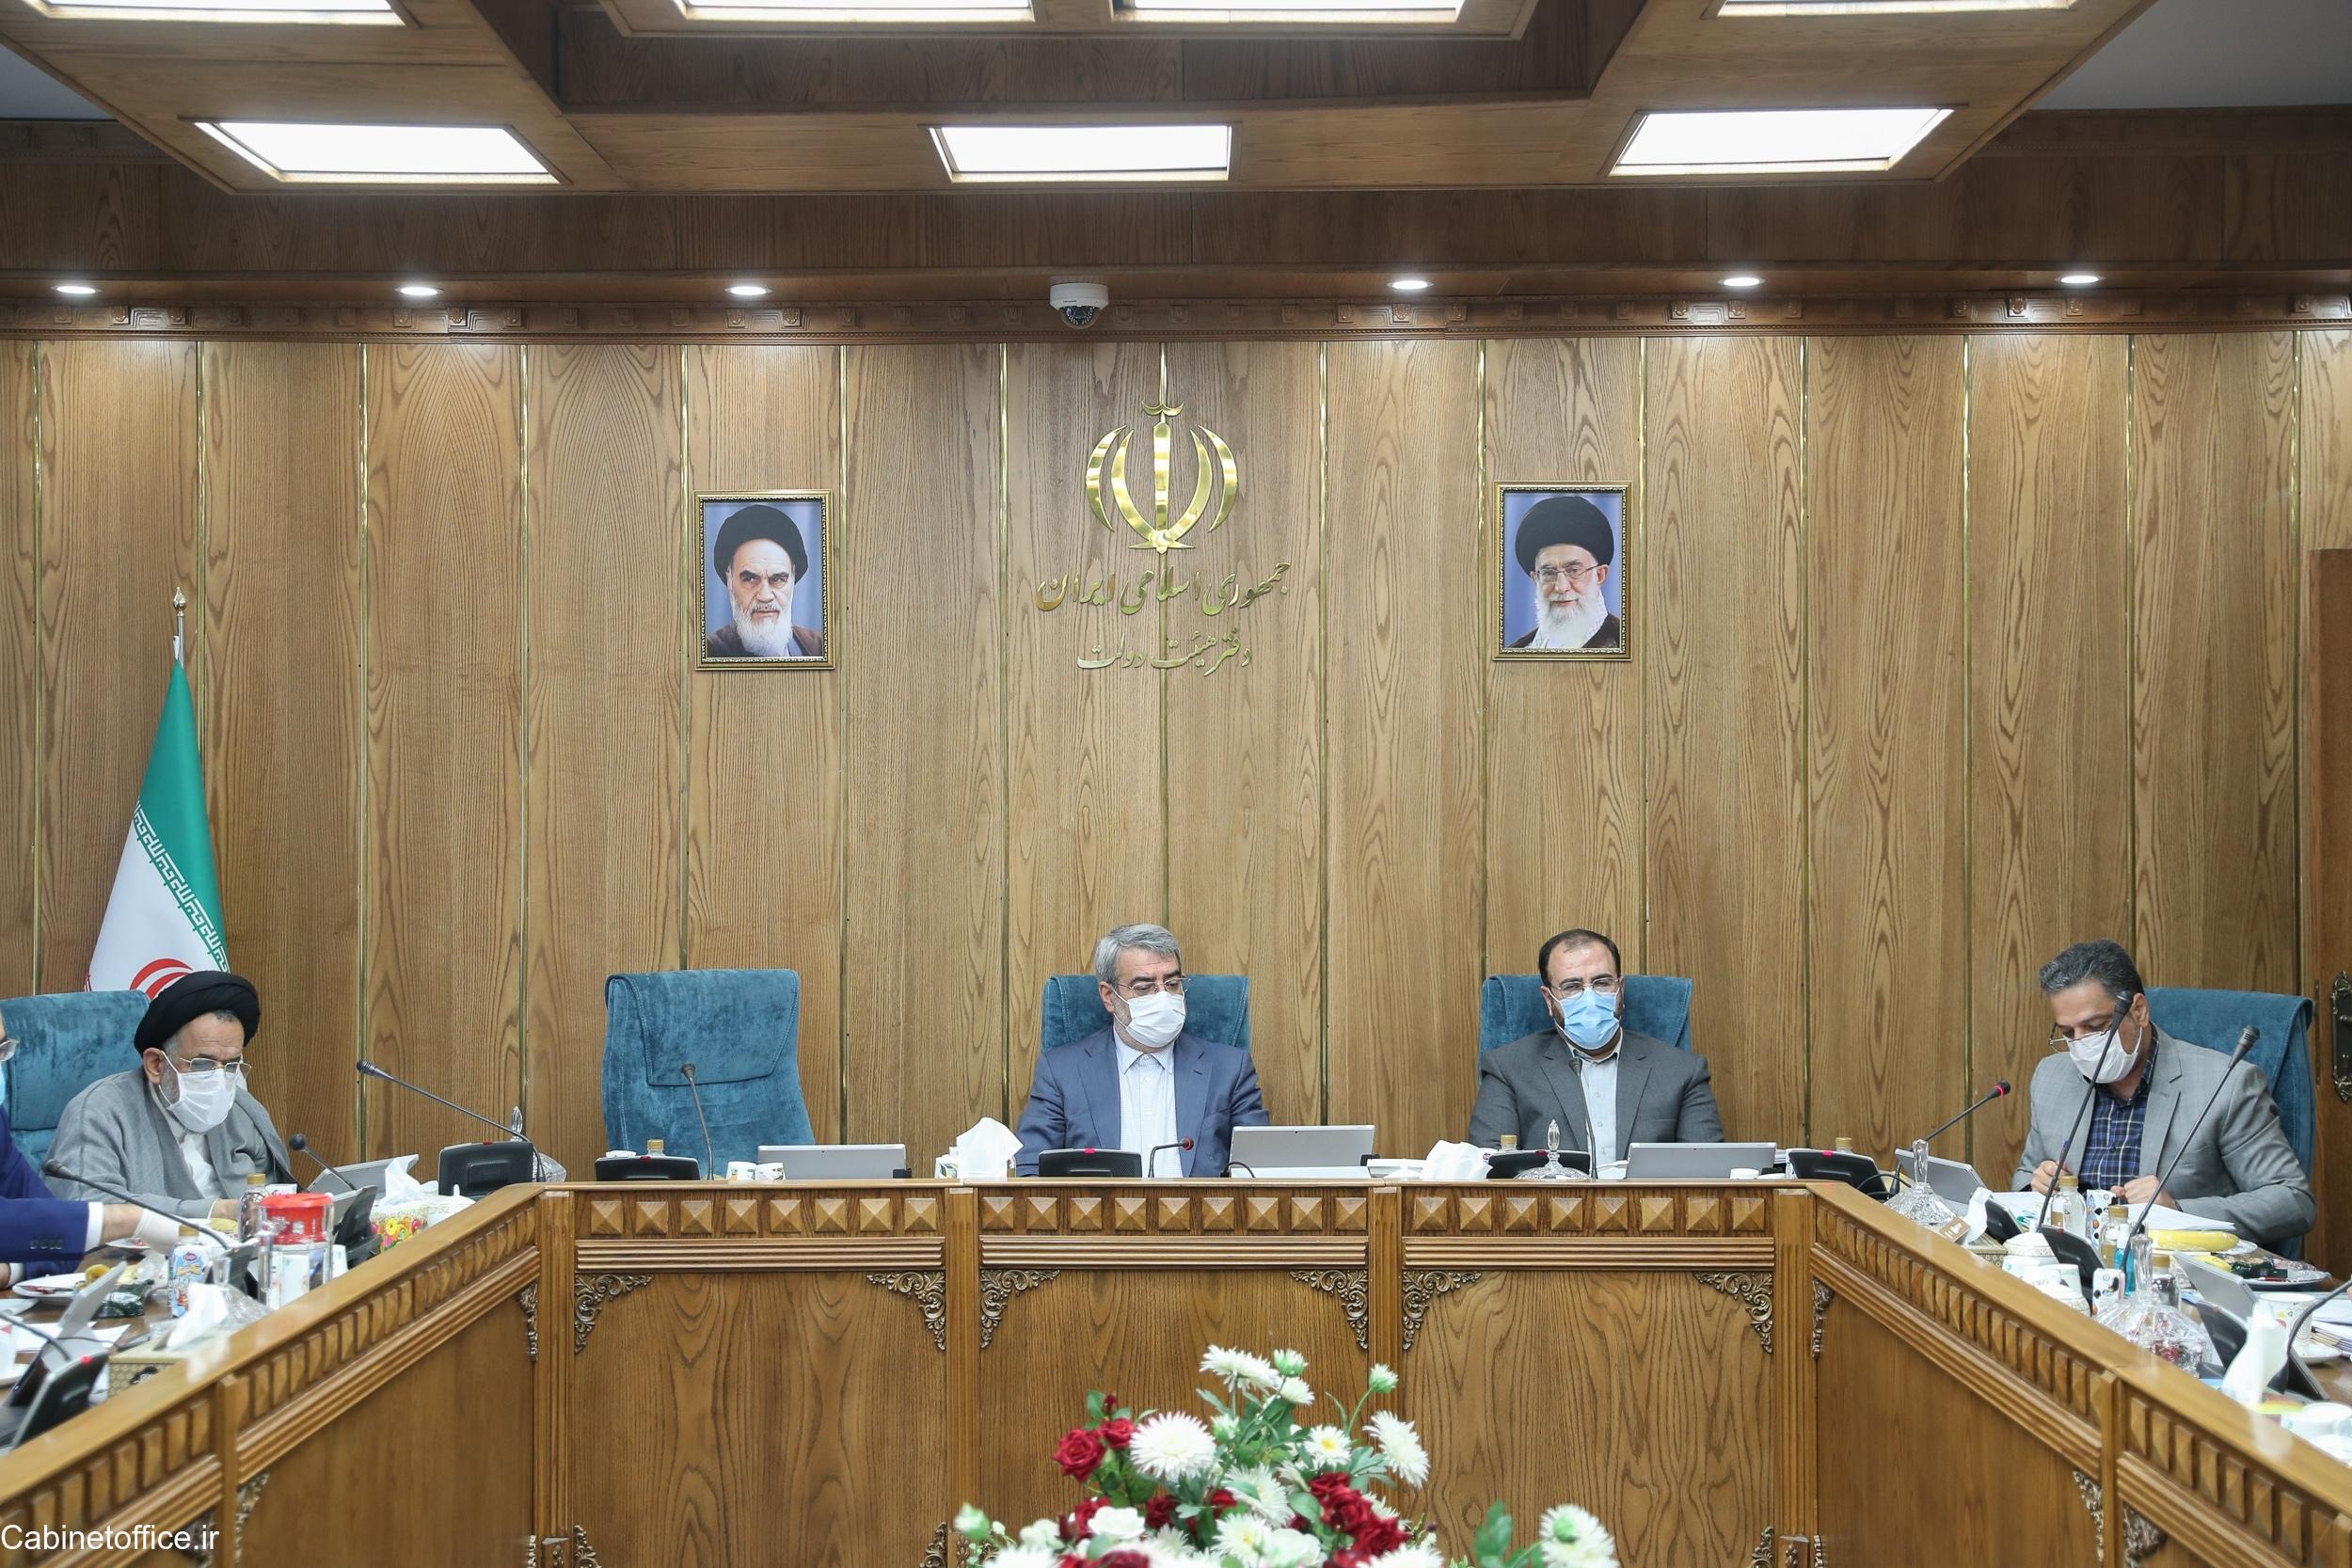 جلسه اصلی کمیسیون سیاسی و دفاعی در تاریخ 25 تیر 1399